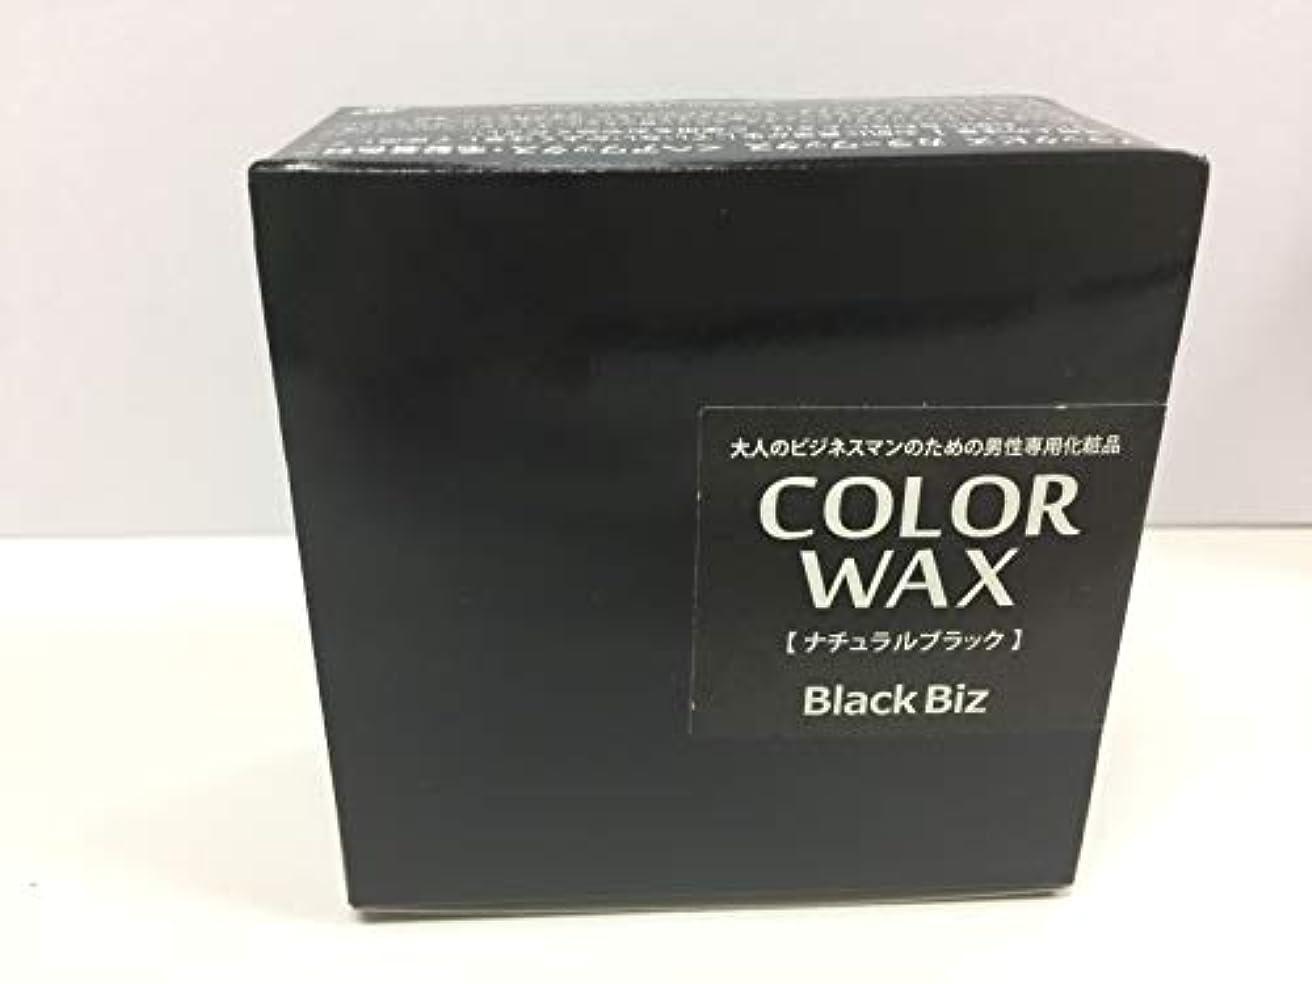 安息いちゃつく最少大人のビジネスマンのための男性専用化粧品 BlackBiz COLOR WAX ブラックビズ カラーワックス 【ナチュラルブラック】